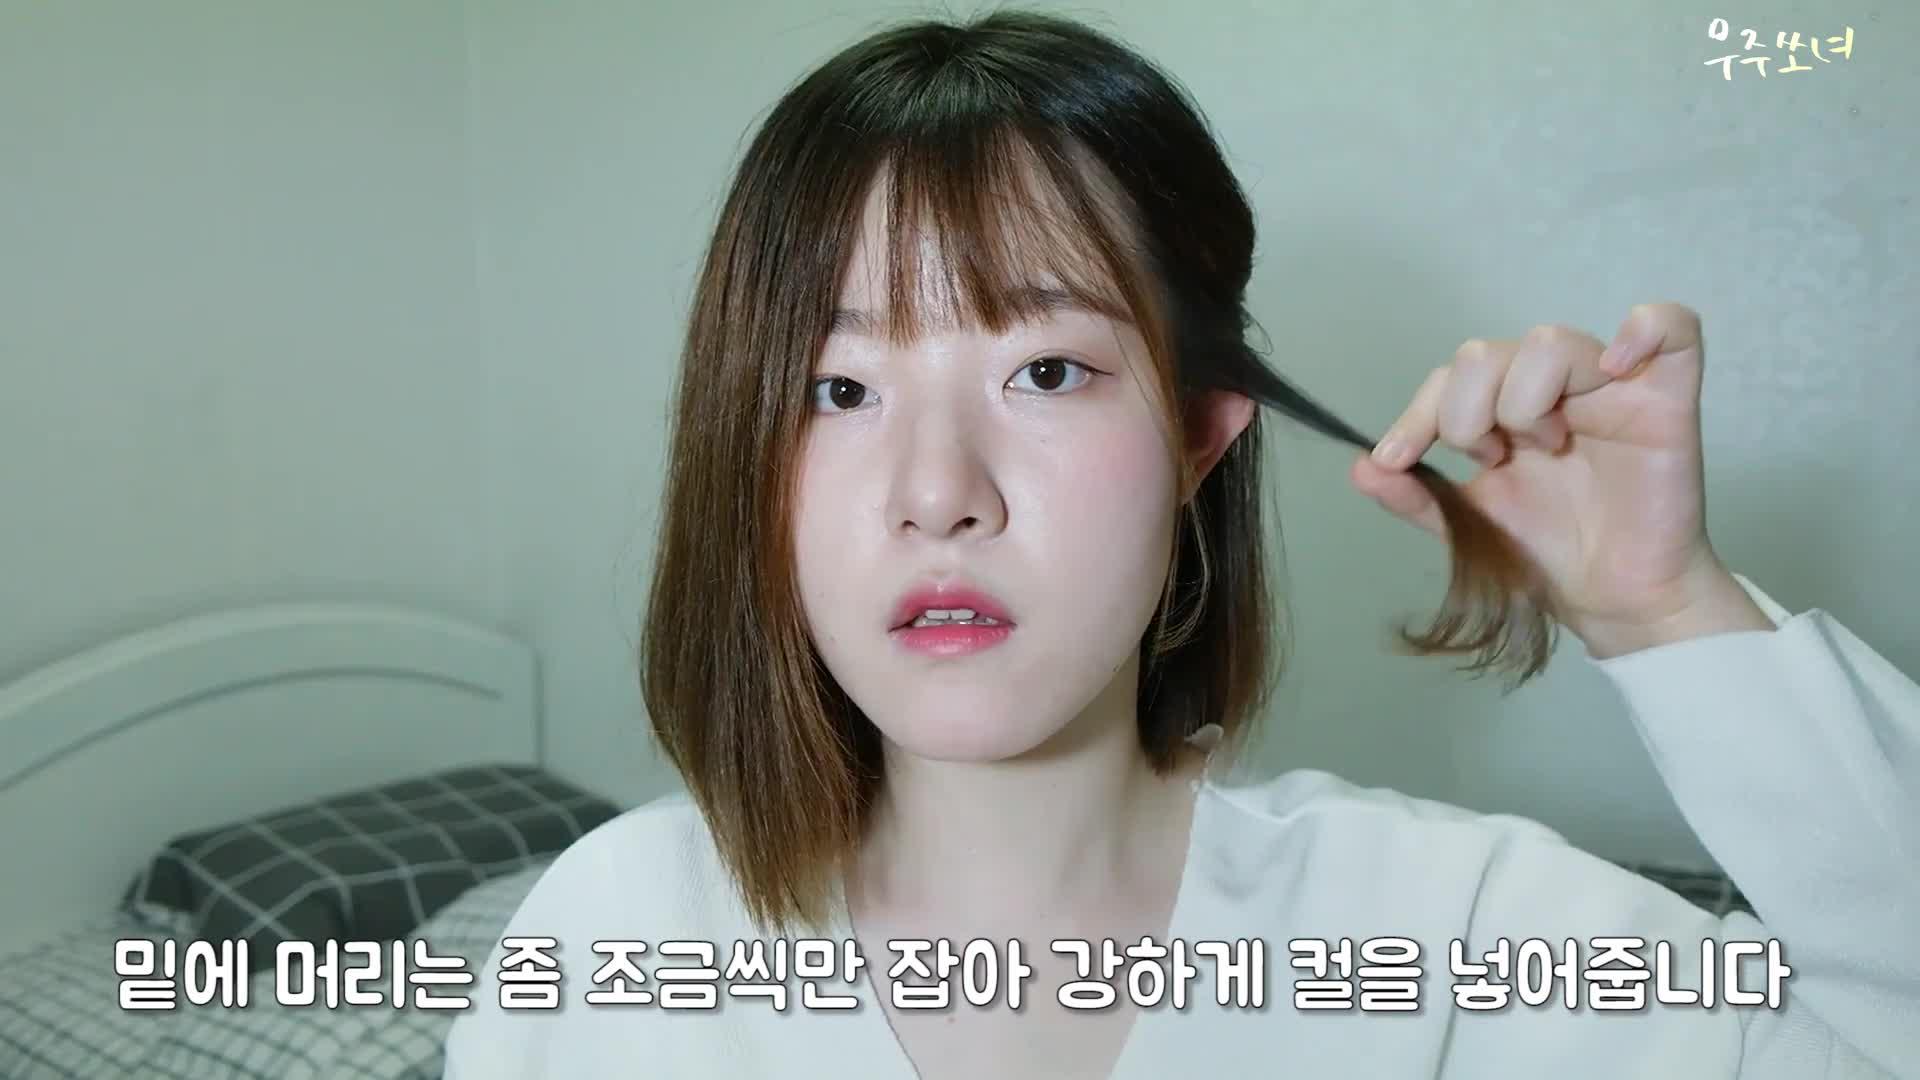 [1분팁] 아이유 컴백! 아이유 단발머리st 고데기 셀프 스타일링 해보자